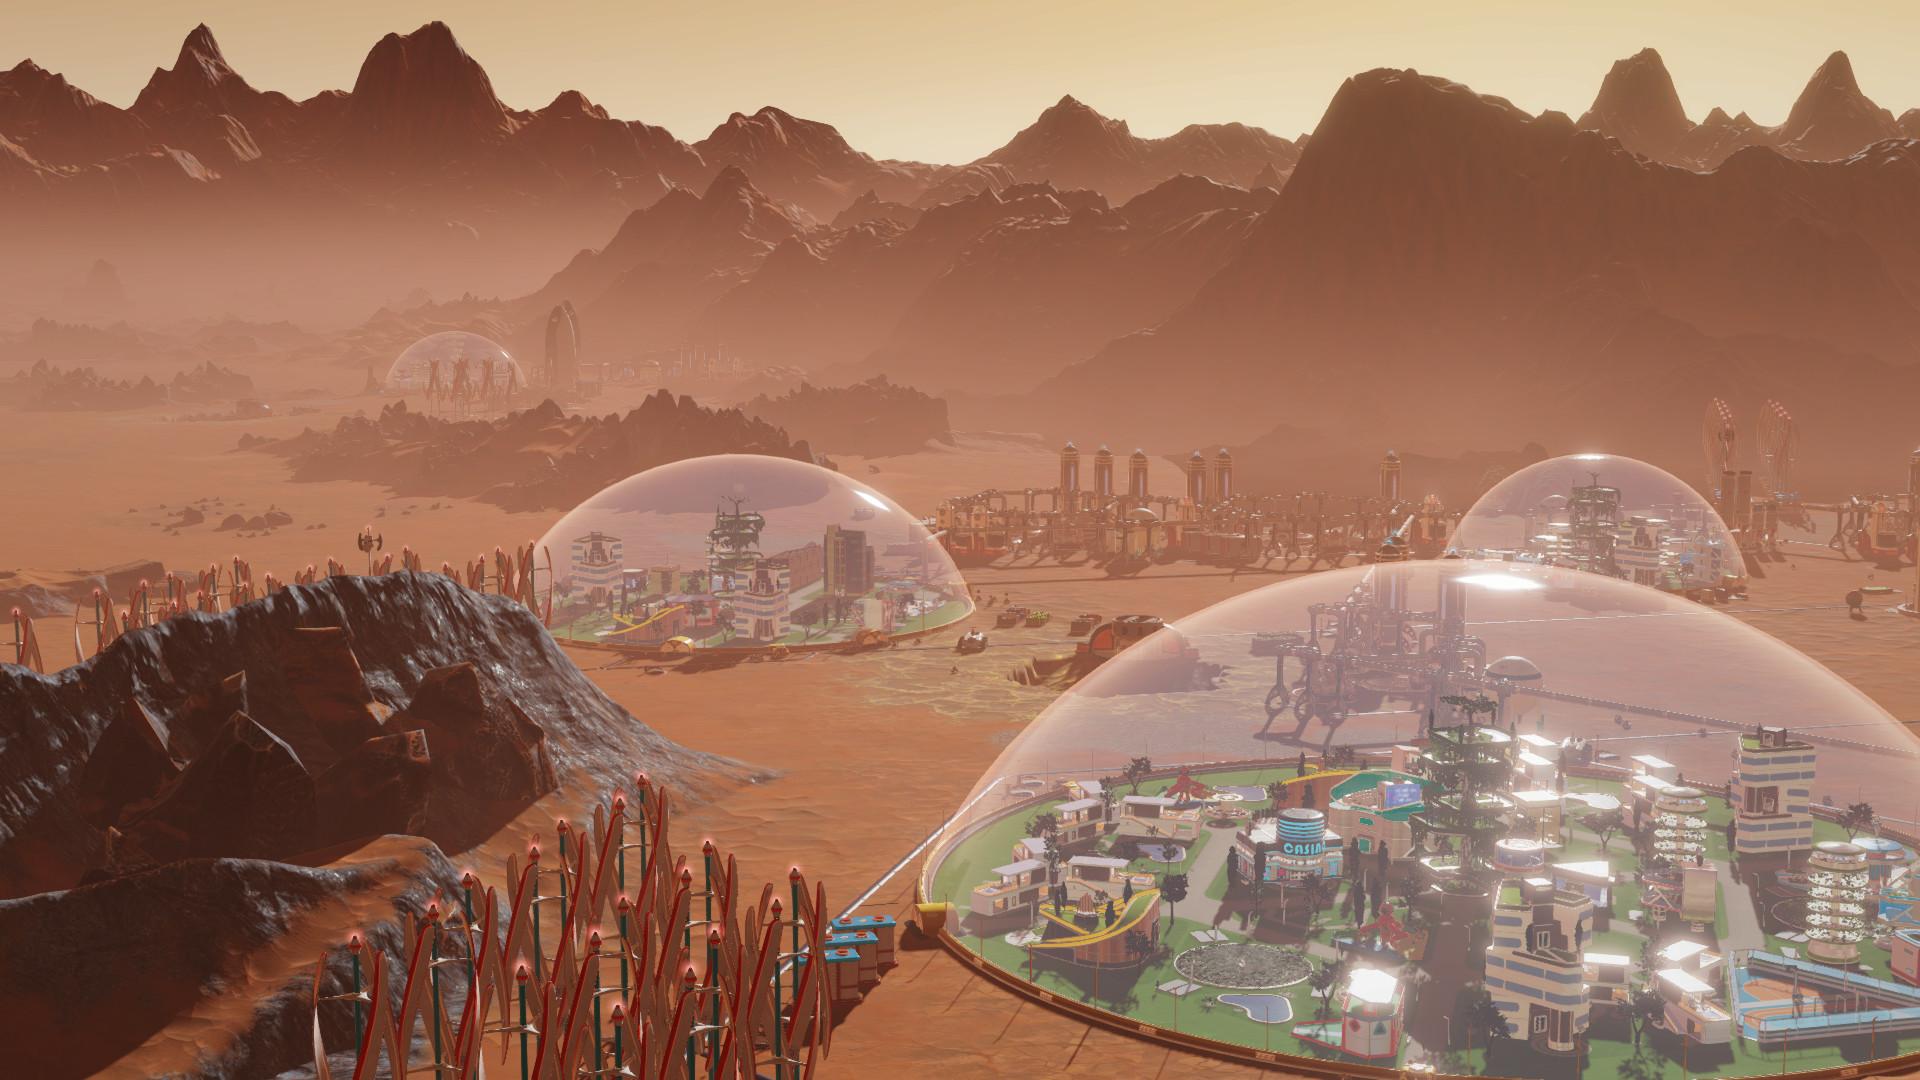 سی دی کی اریجینال استیم بازی Surviving Mars - First Colony Edition